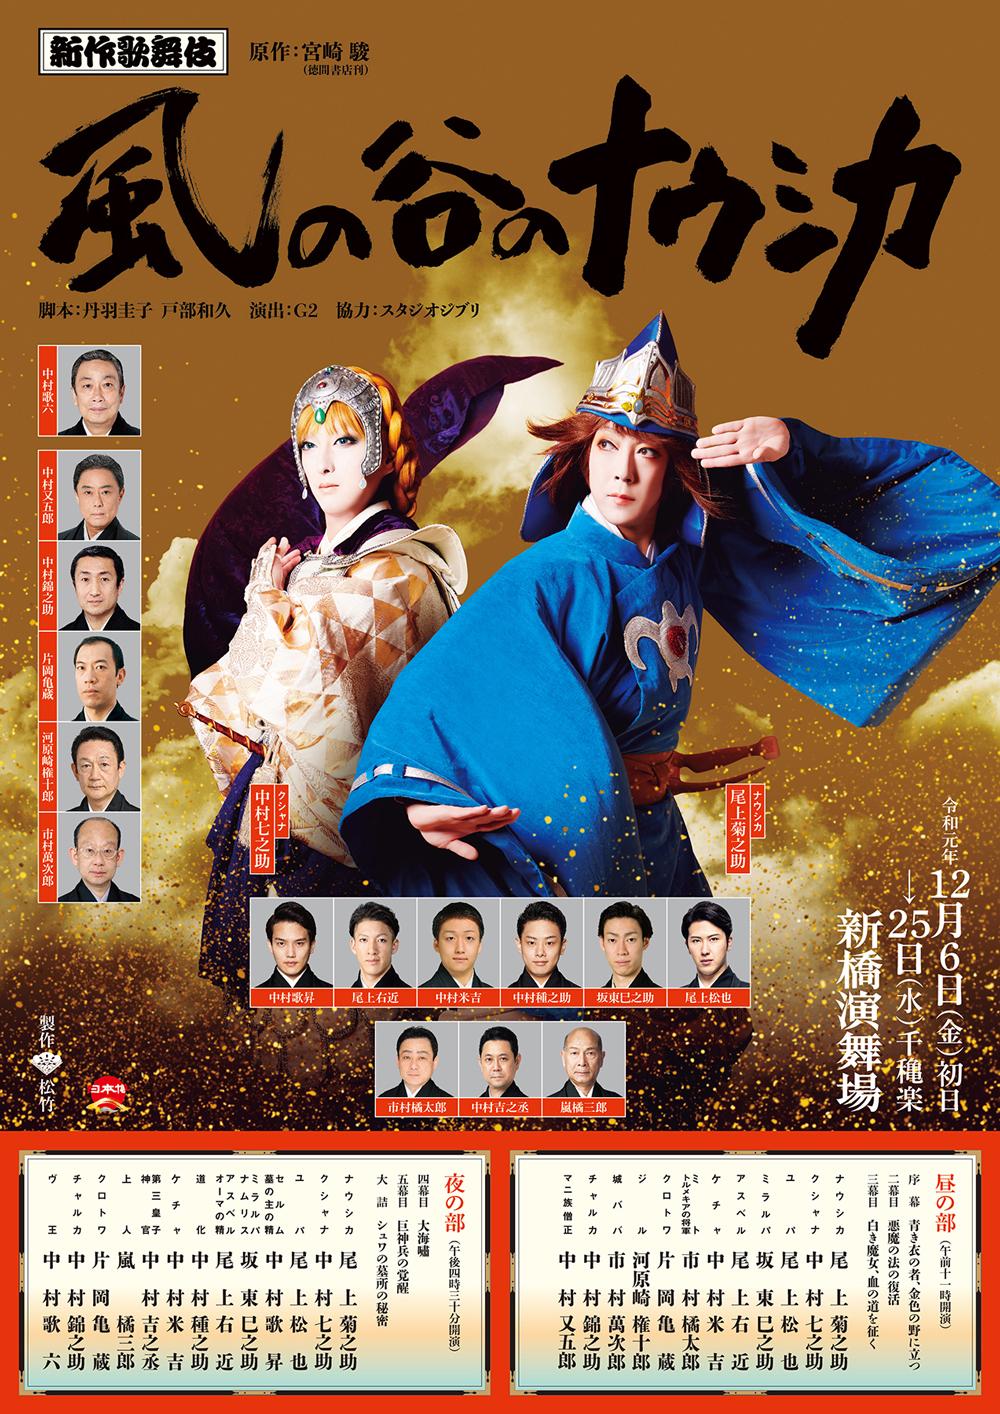 「ナウシカ 歌舞伎」の画像検索結果